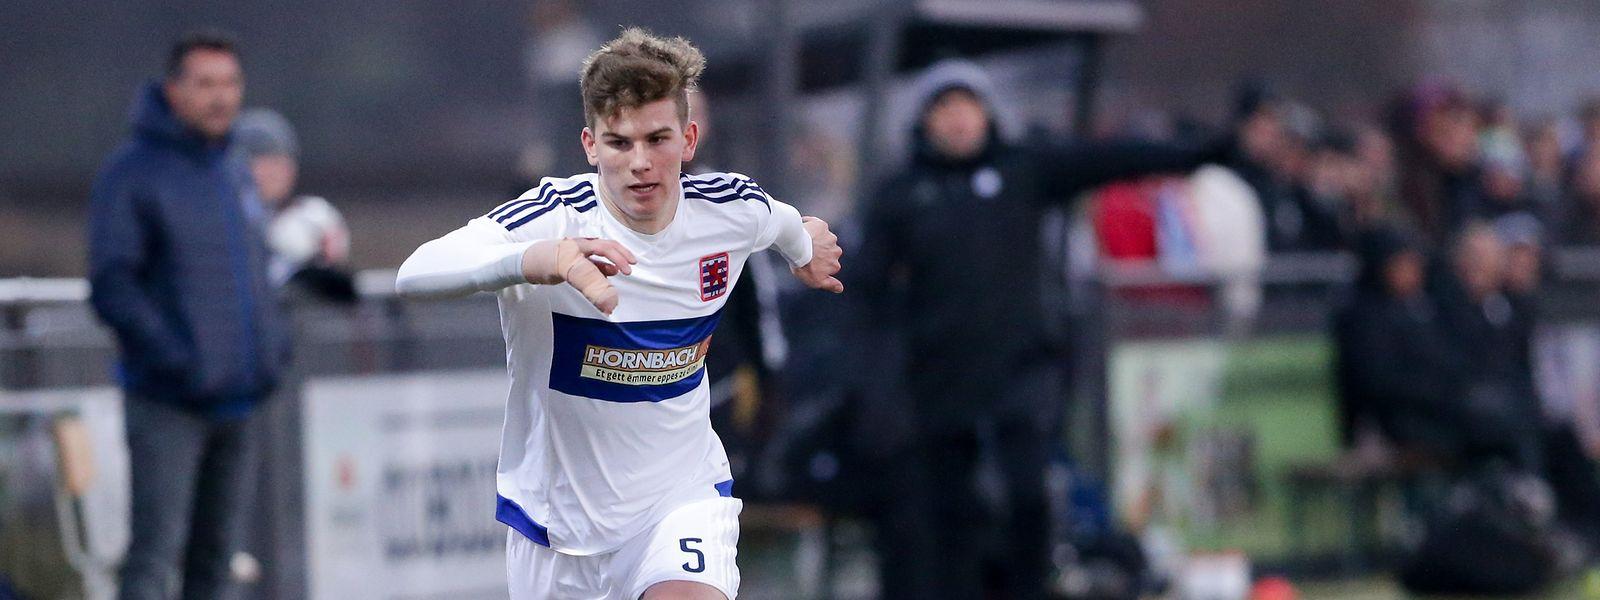 Florian Bohnert hofft beim FK Pirmasens auf einen Stammplatz.